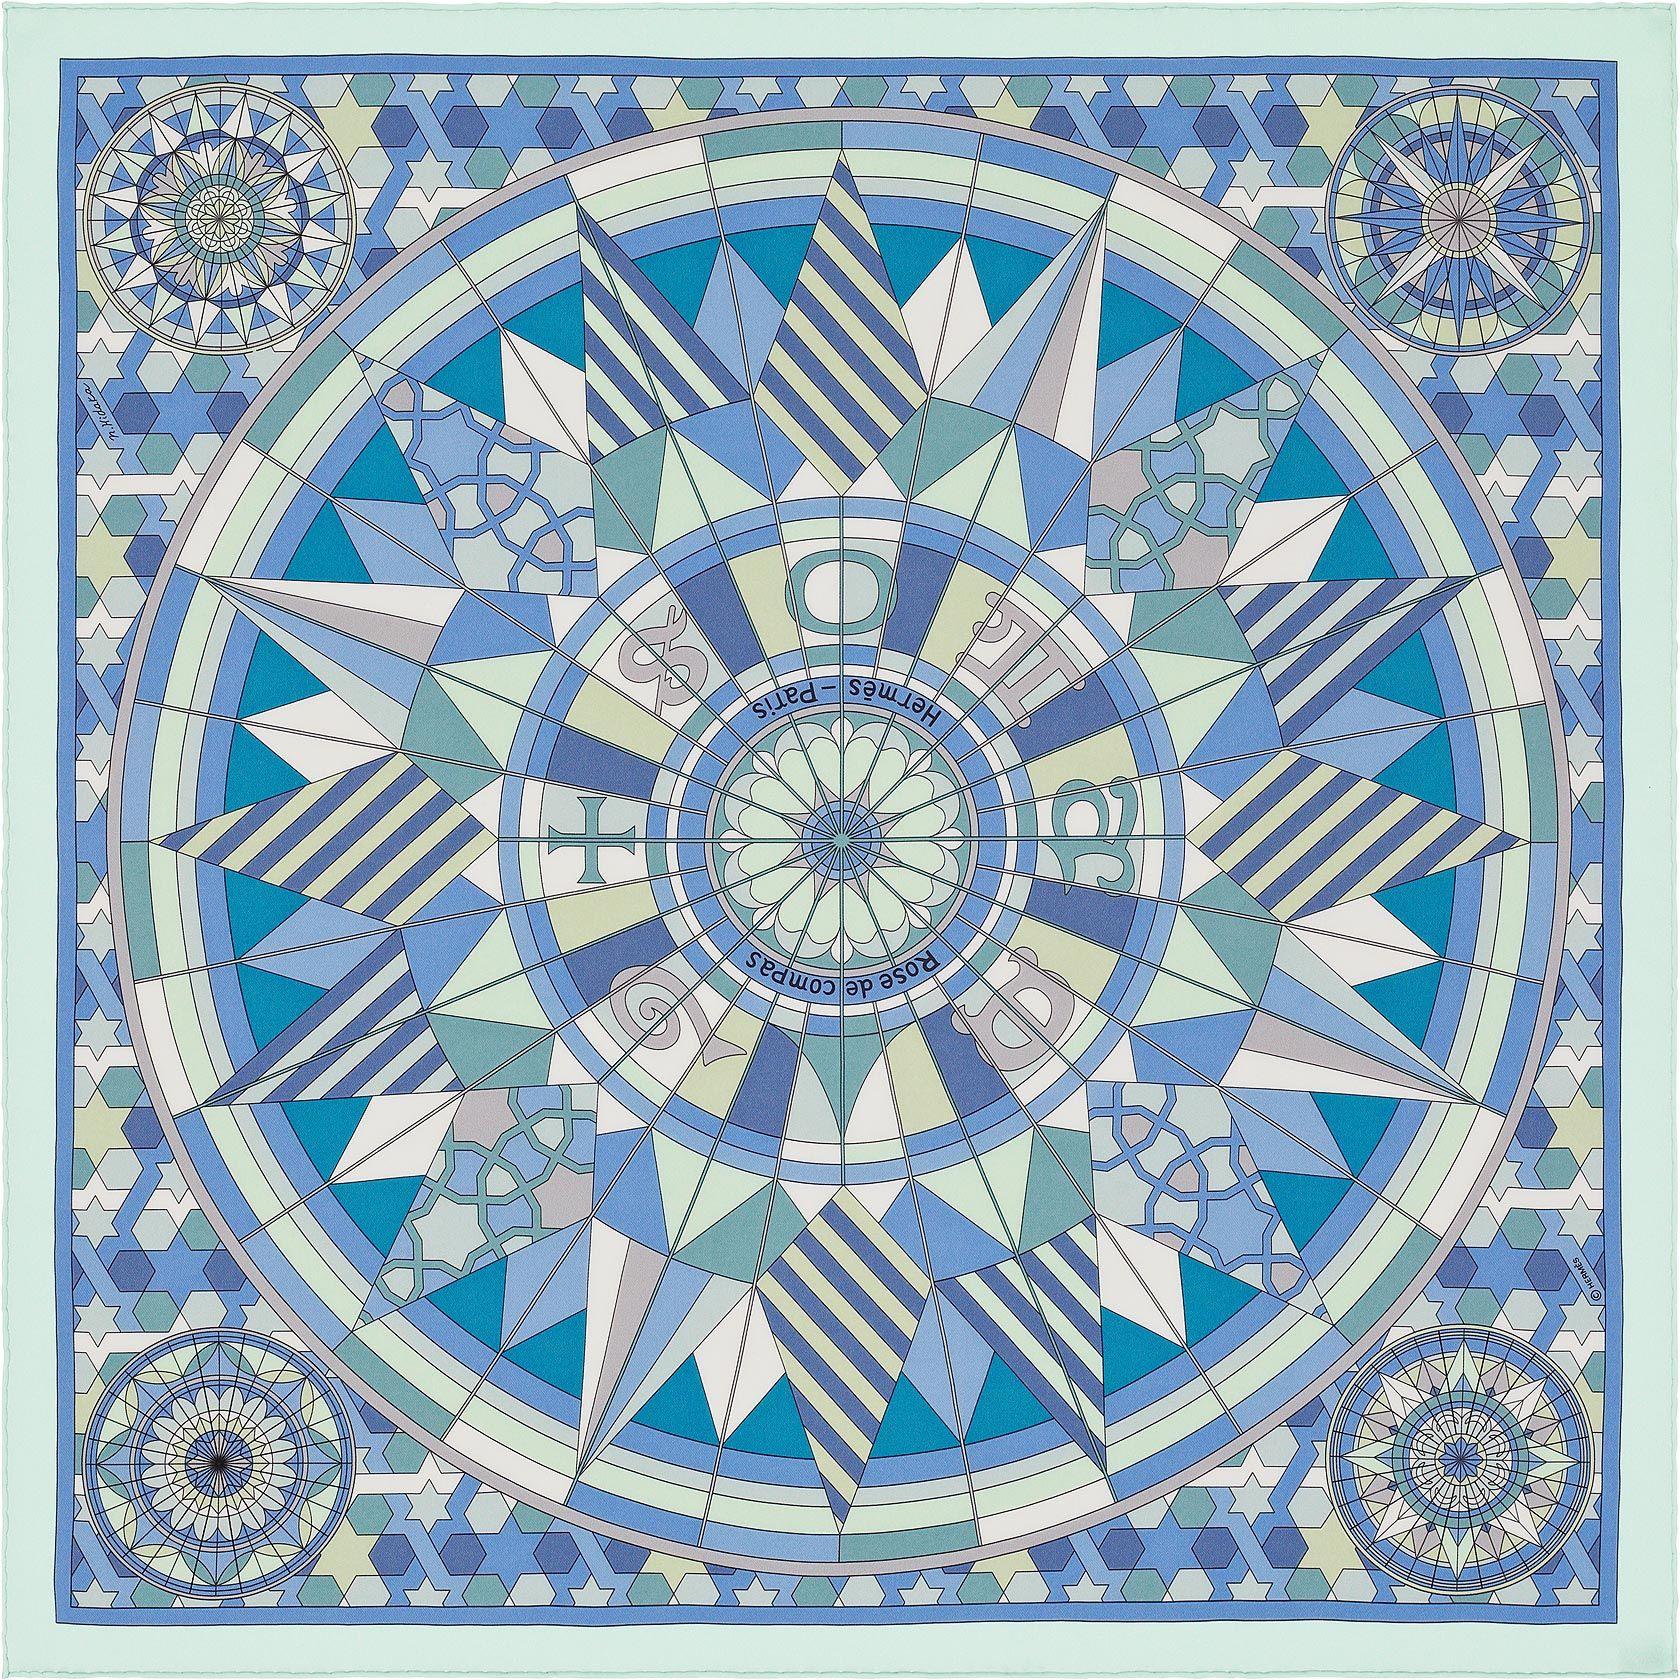 8e78828604e6 Carré 70 Hermès   Rose de Compas Hermès   Natsuno Hidaka ✏ ✏ ✏ ✏ ✏ ✏ ✏ ....  HISTOIRE DU DESSIN   Le compas, cet instrument de navigation ...